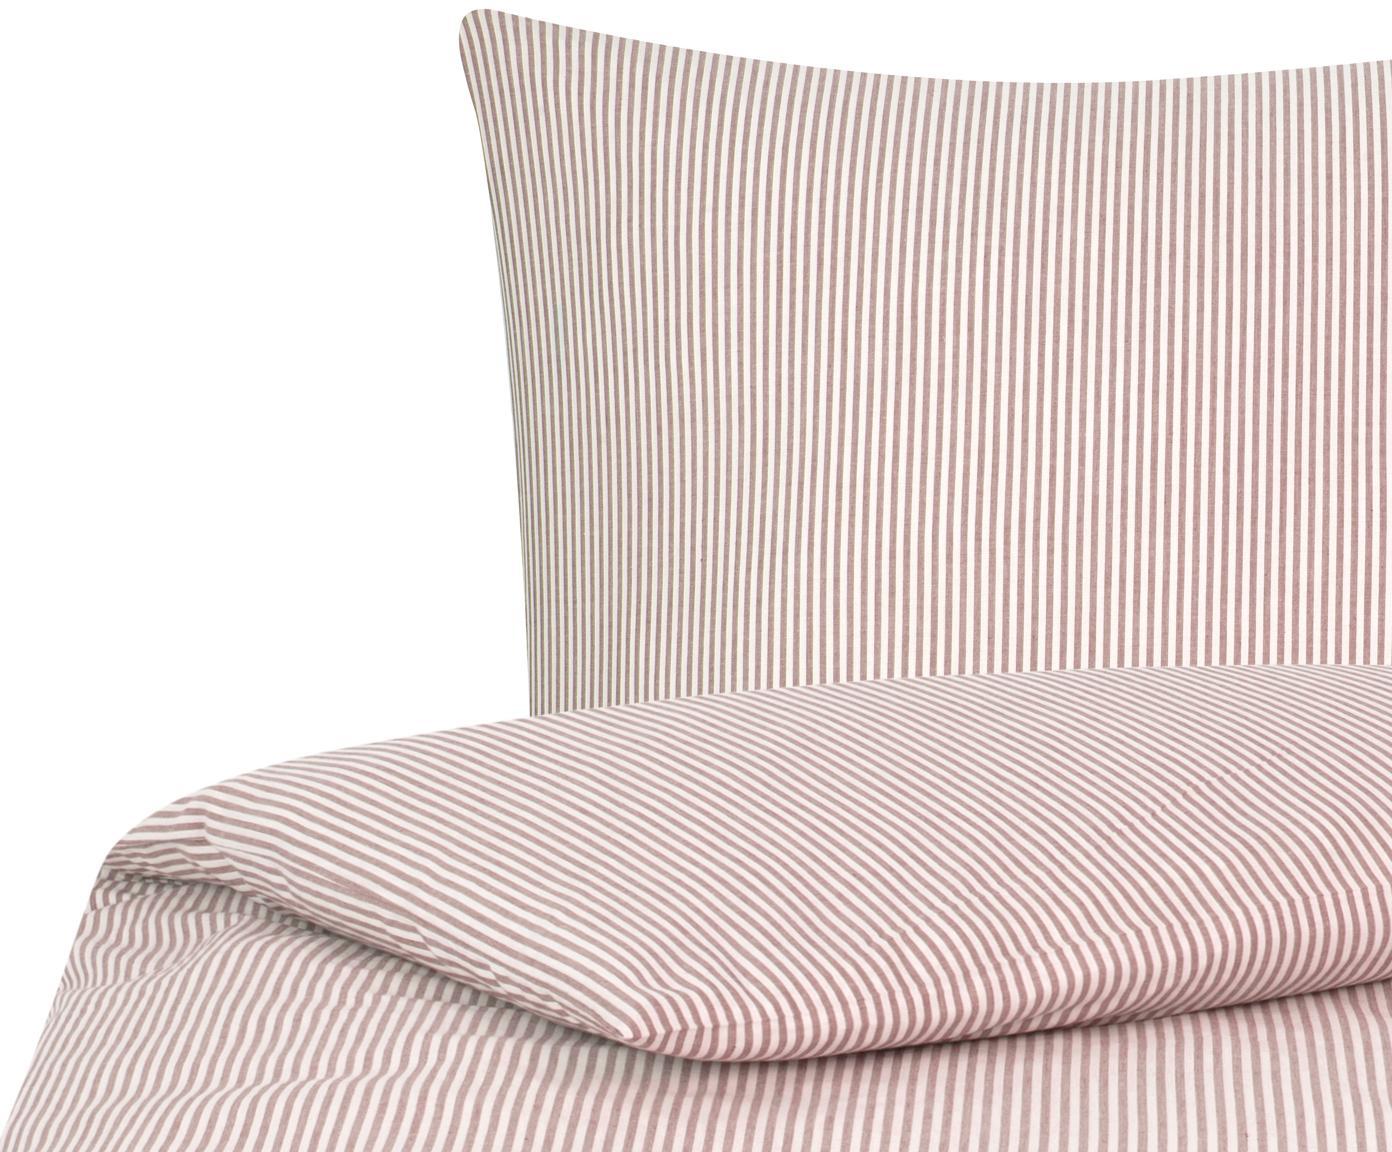 Baumwoll-Bettwäsche Ellie, fein gestreift, Webart: Renforcé Fadendichte 118 , Weiß, Rot, 135 x 200 cm + 1 Kissen 80 x 80 cm